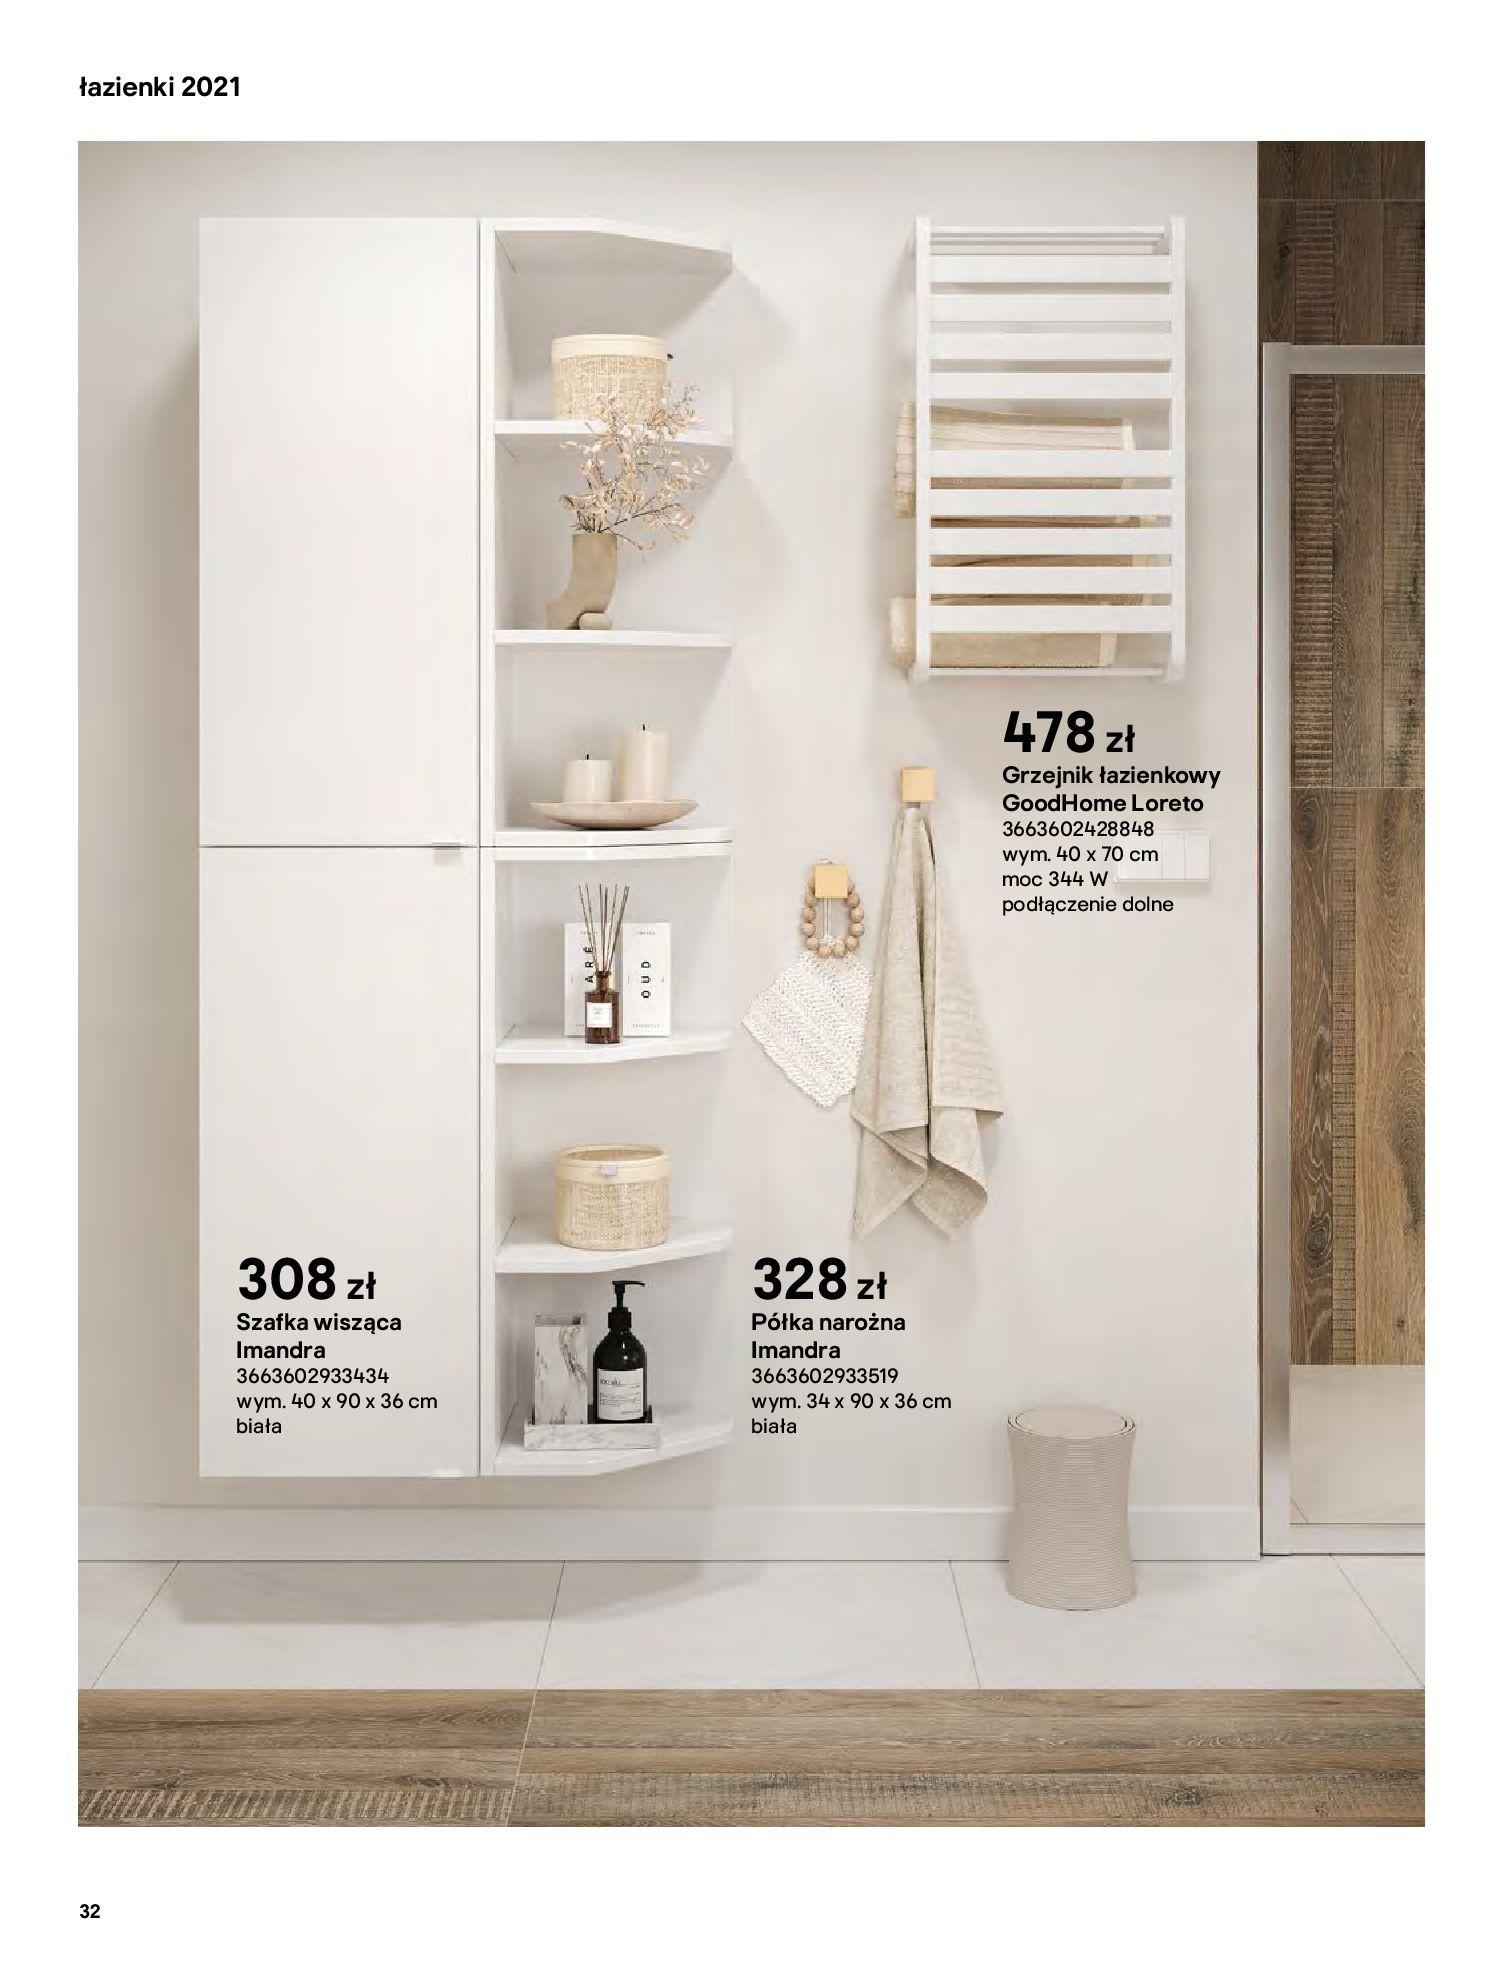 Gazetka Castorama: Gazetka Castorama - katalog łazienki 2021 2021-06-16 page-32